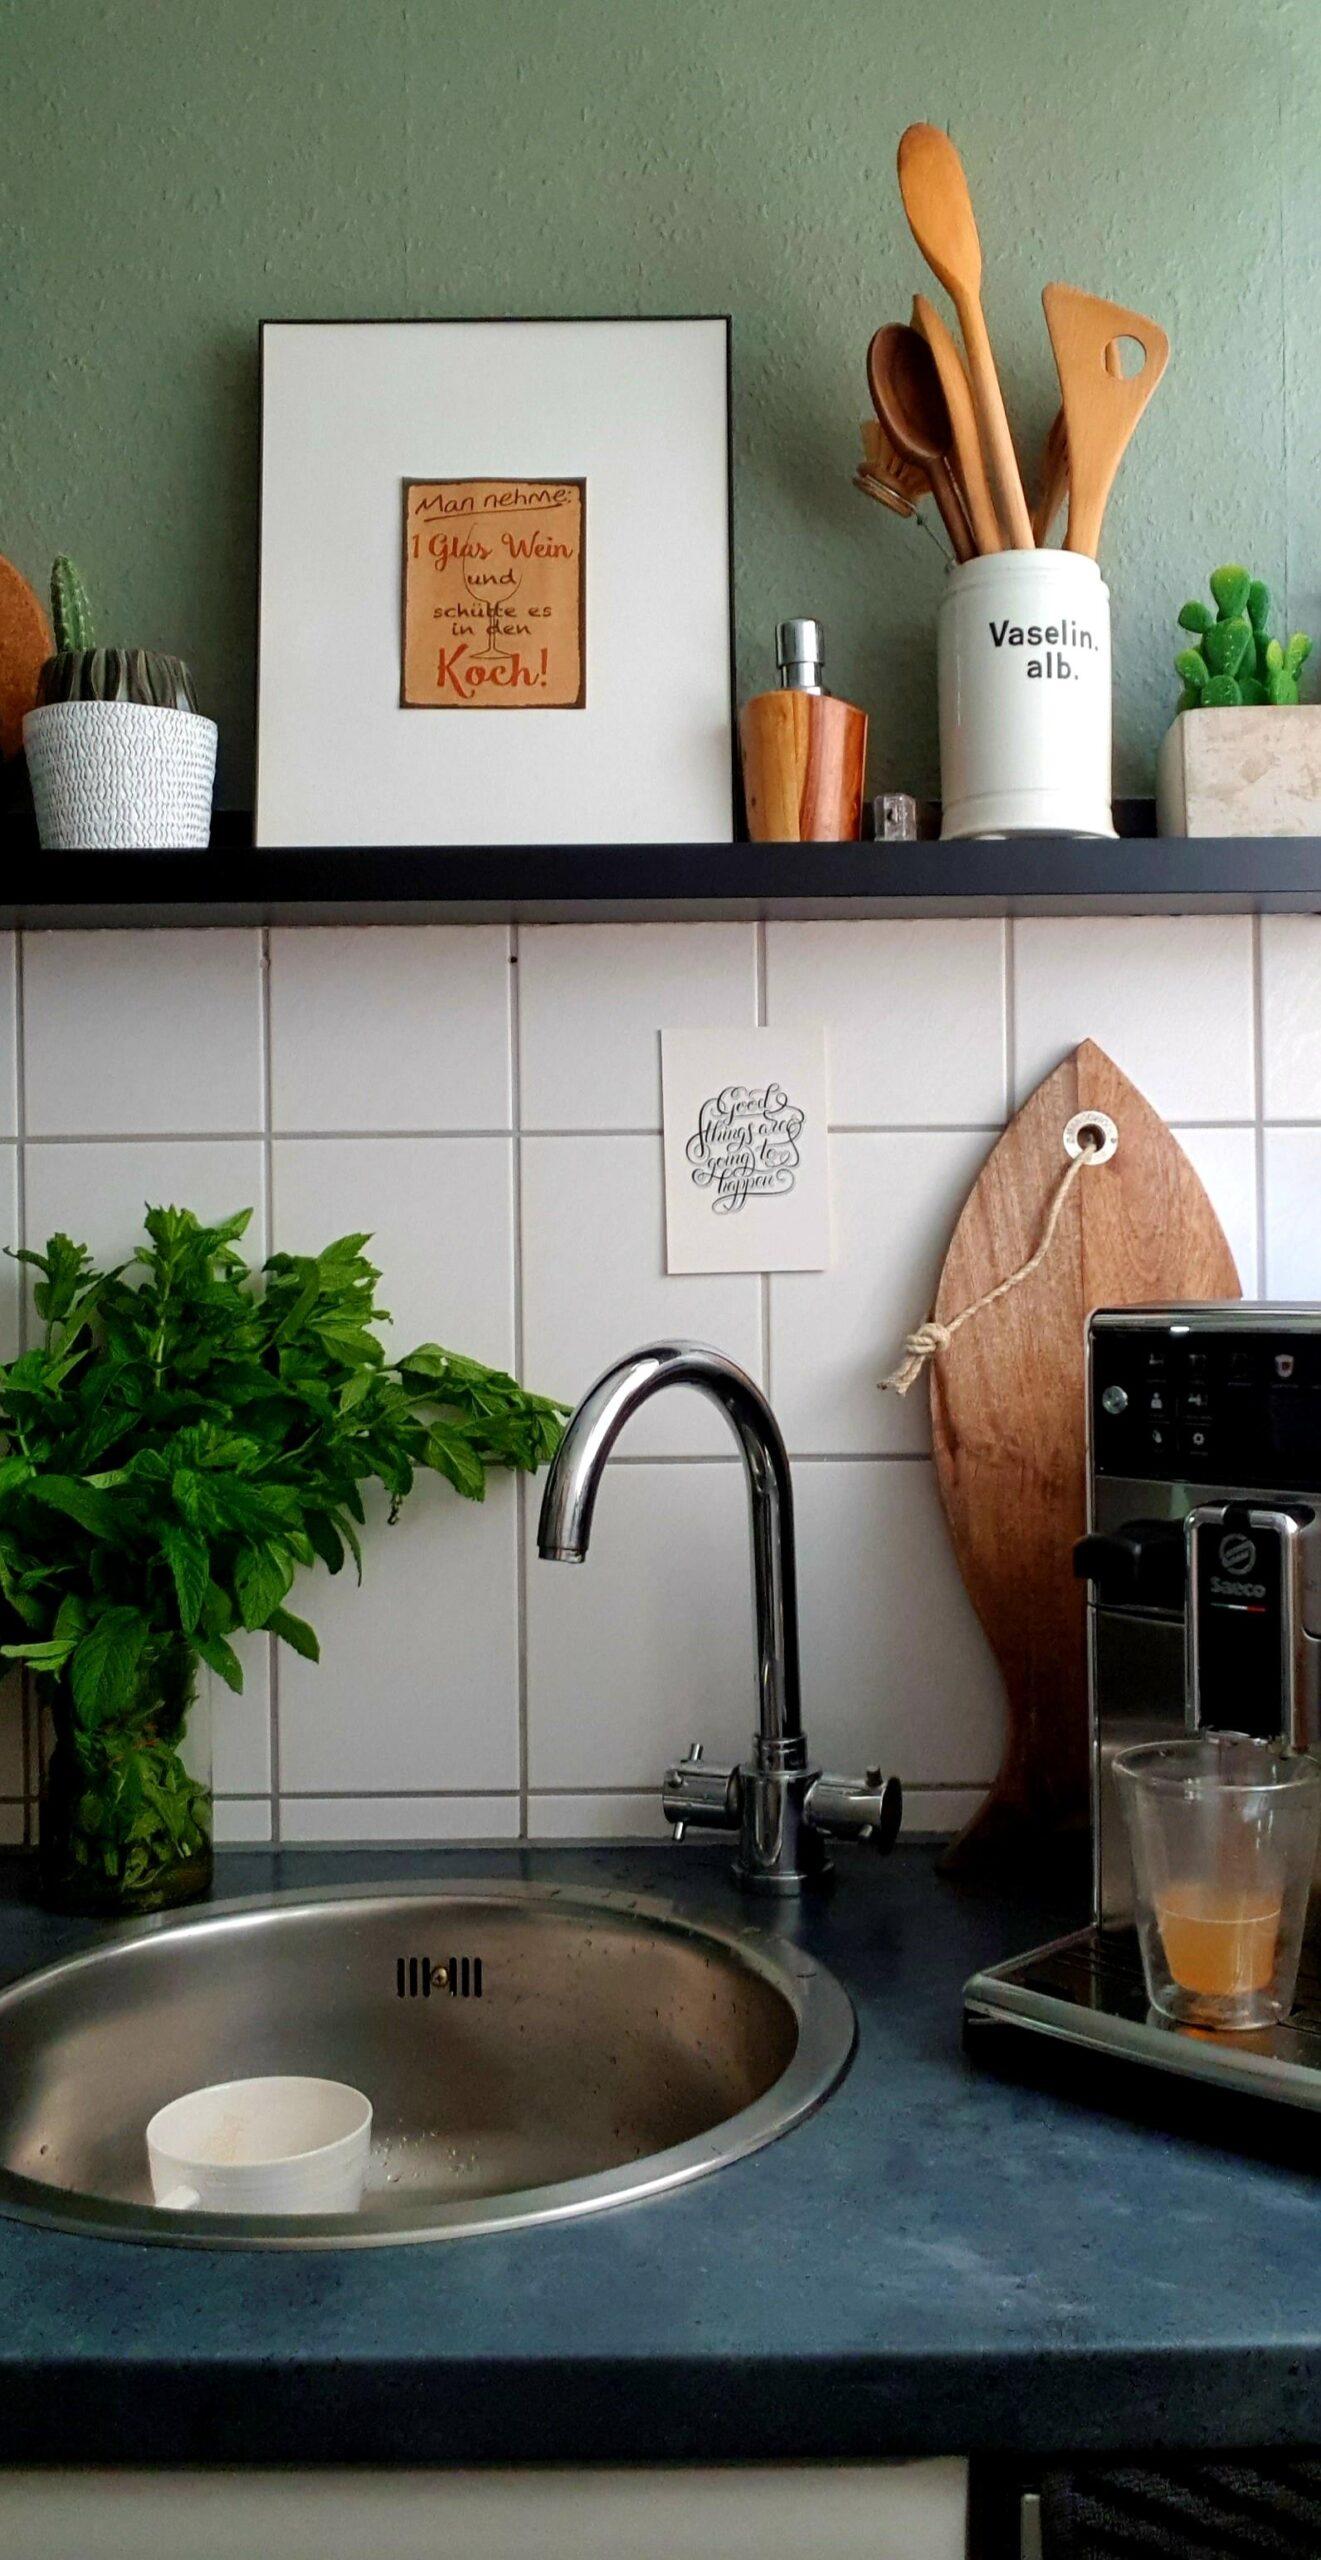 Full Size of Bilderleisten Gestalten Inspiration Fr Dein Konzept Küche Mit Insel Weisse Landhausküche Wandsticker Eckküche Elektrogeräten Schwingtür Schneidemaschine Wohnzimmer Küche Deko Ikea